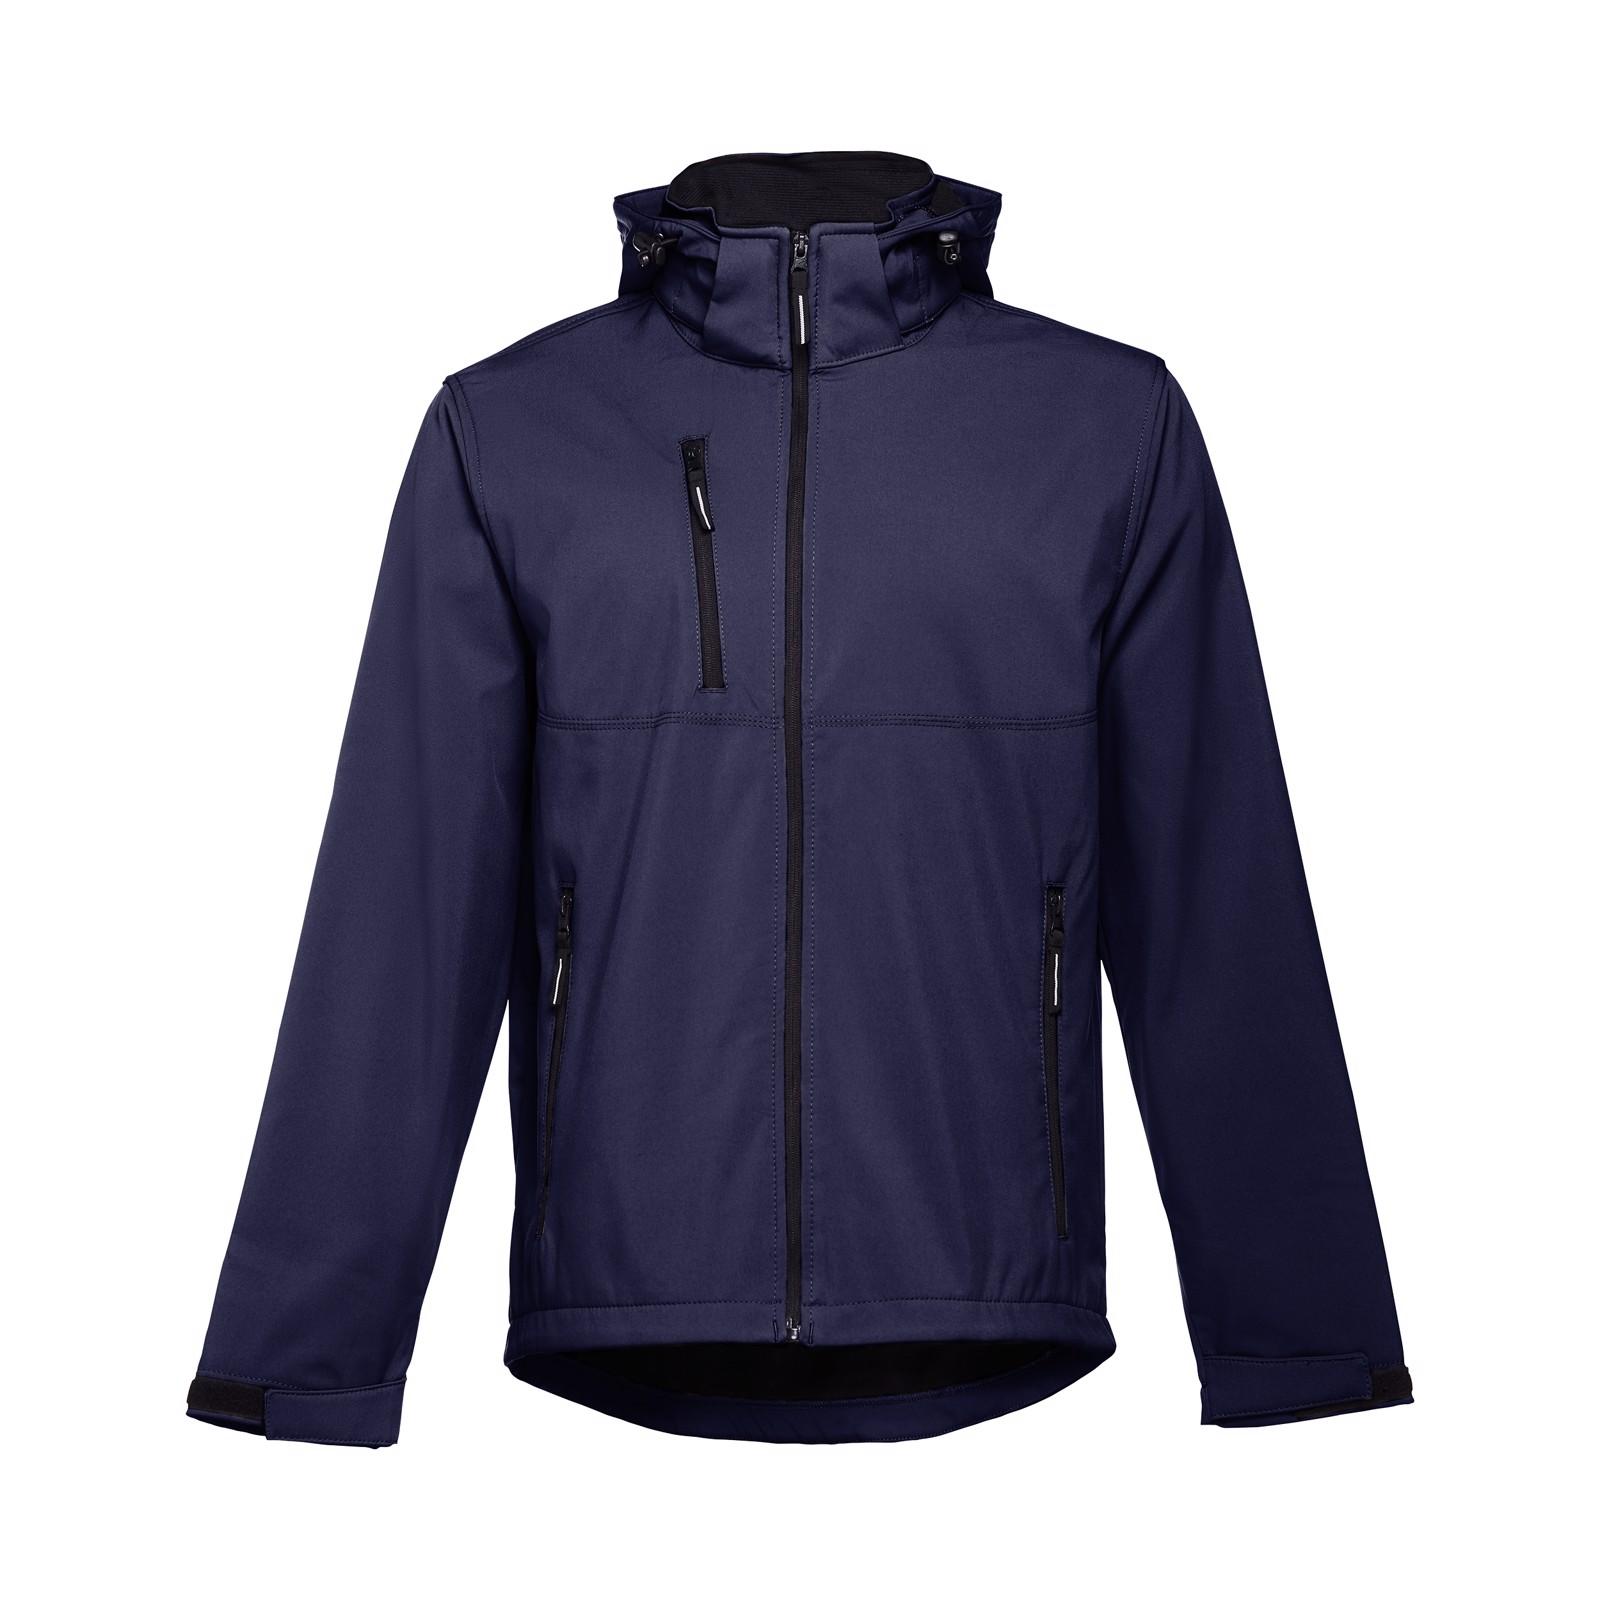 THC ZAGREB. Pánská softshellová bunda se snímatelnou kapucí - Námořnická Modrá / S